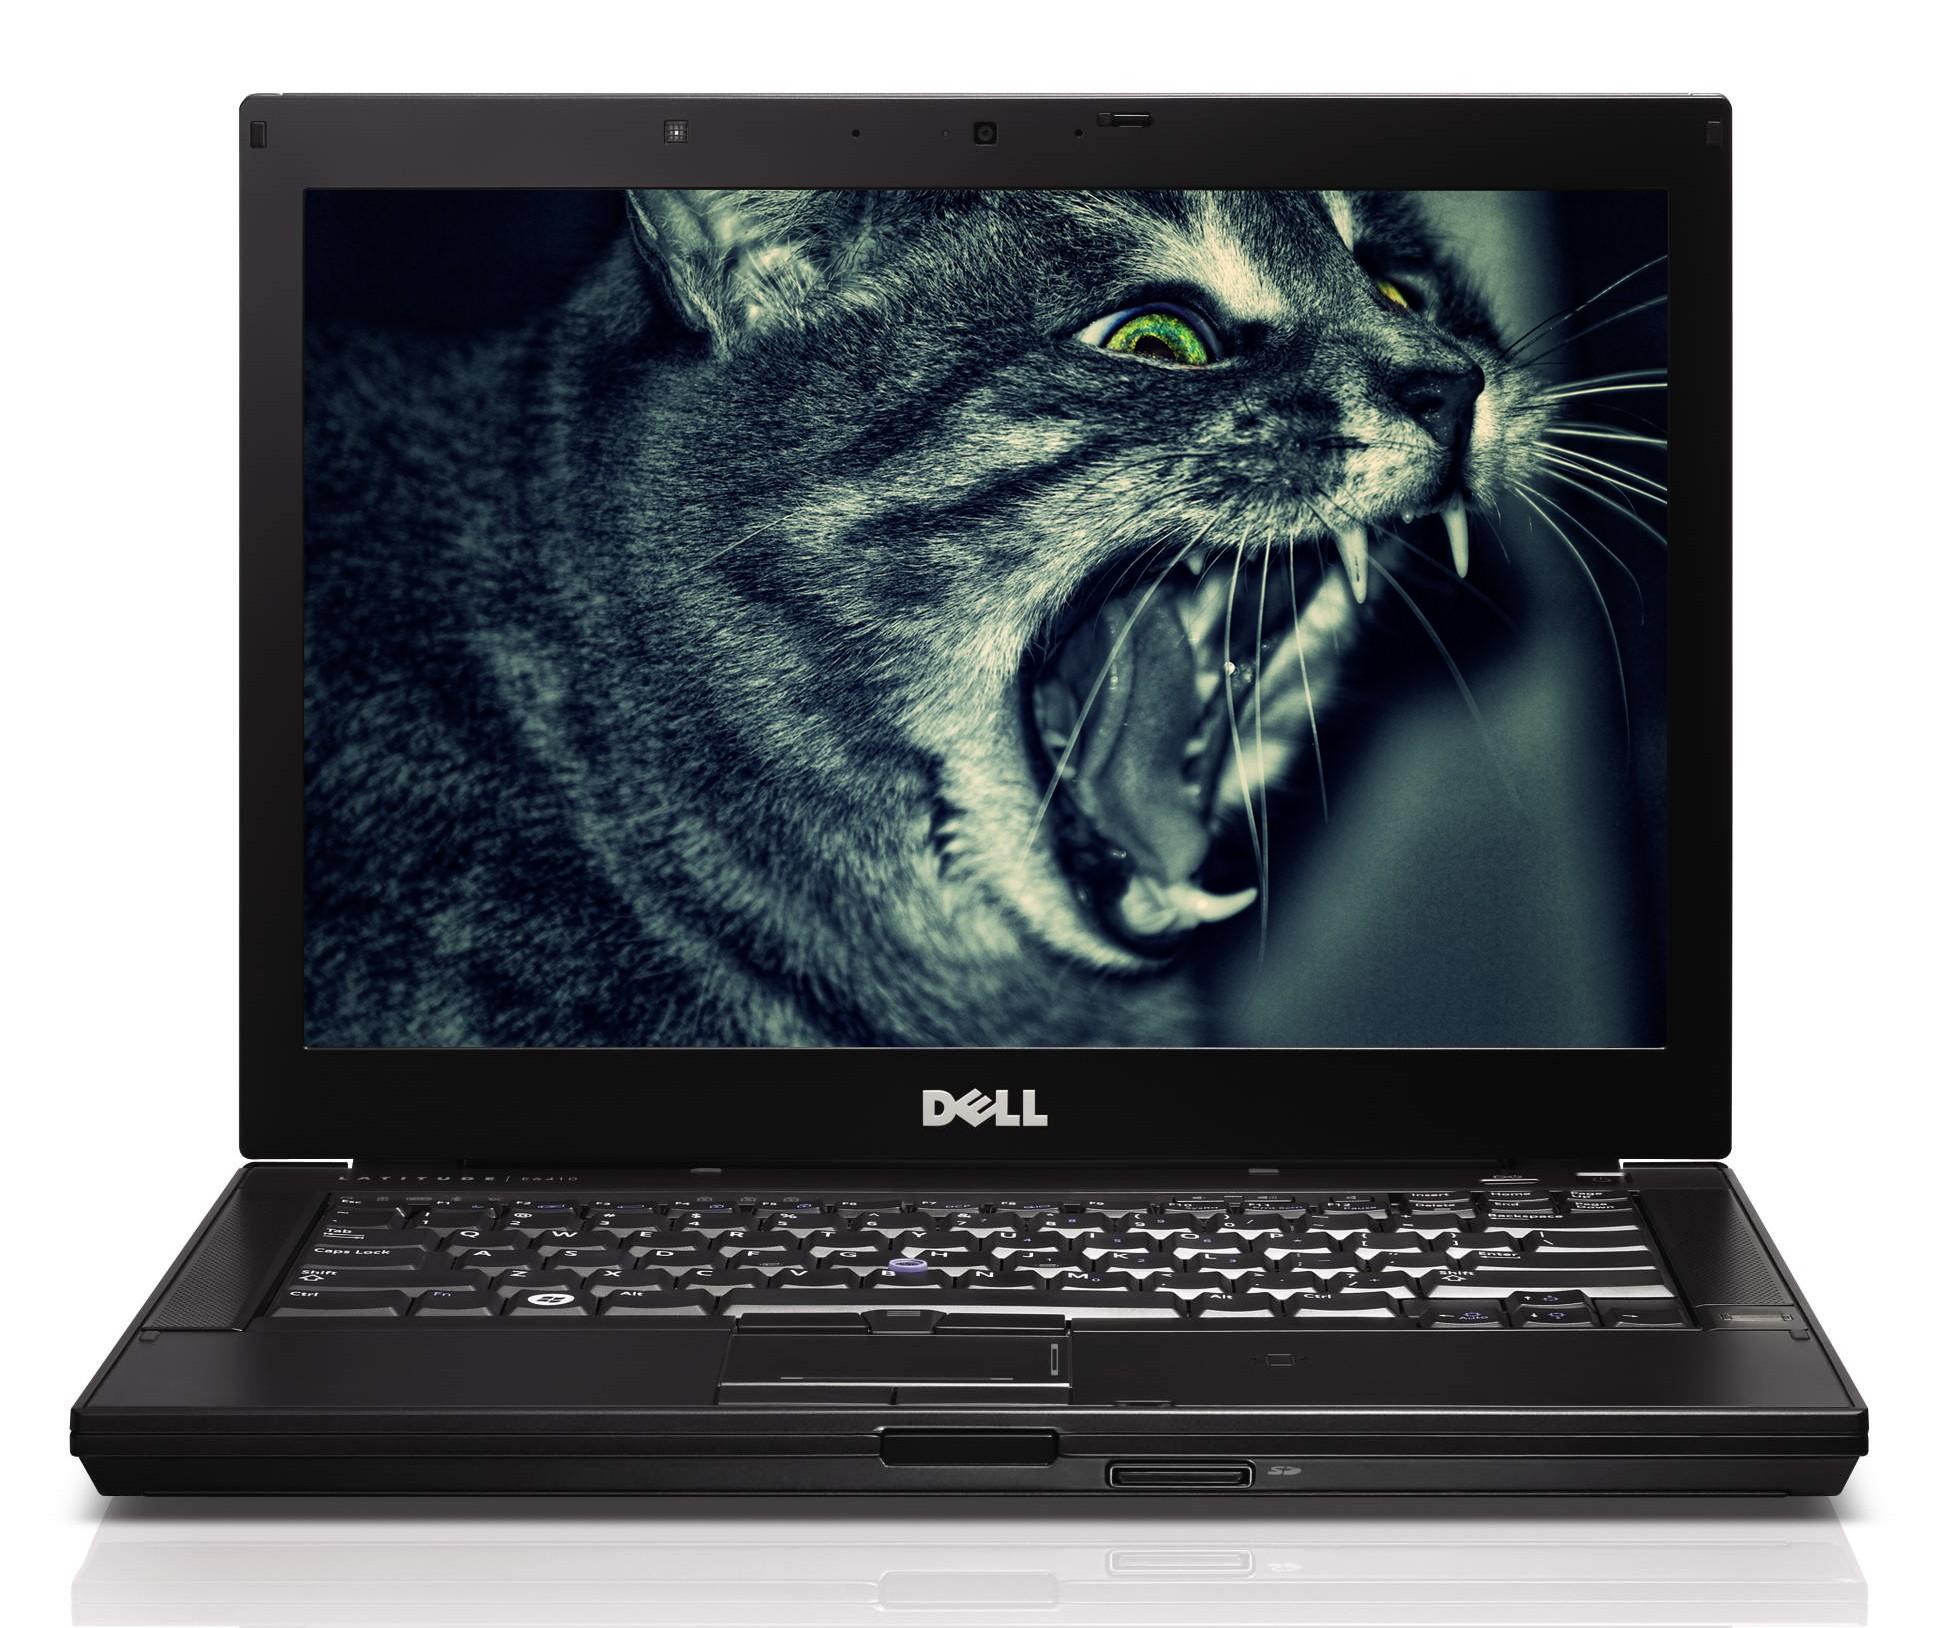 """Dell **Refurbished** Dell Latitude E6410 14.1"""" Notebook - Intel Core i5 2.4GHz 4GB 160GB Win 7"""